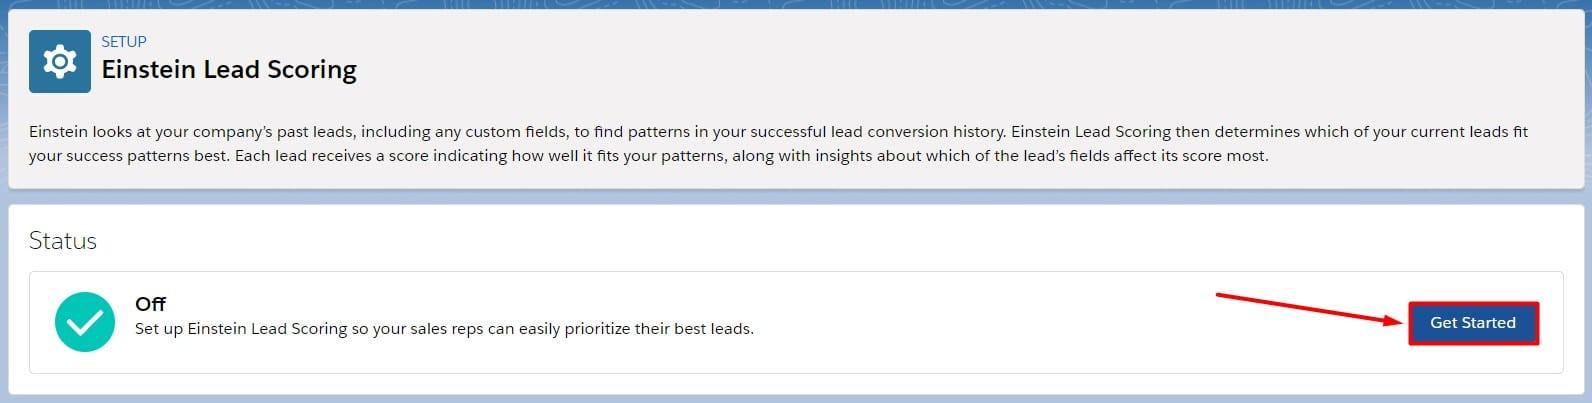 Click Get Started to begin using Einstein Lead Scoring